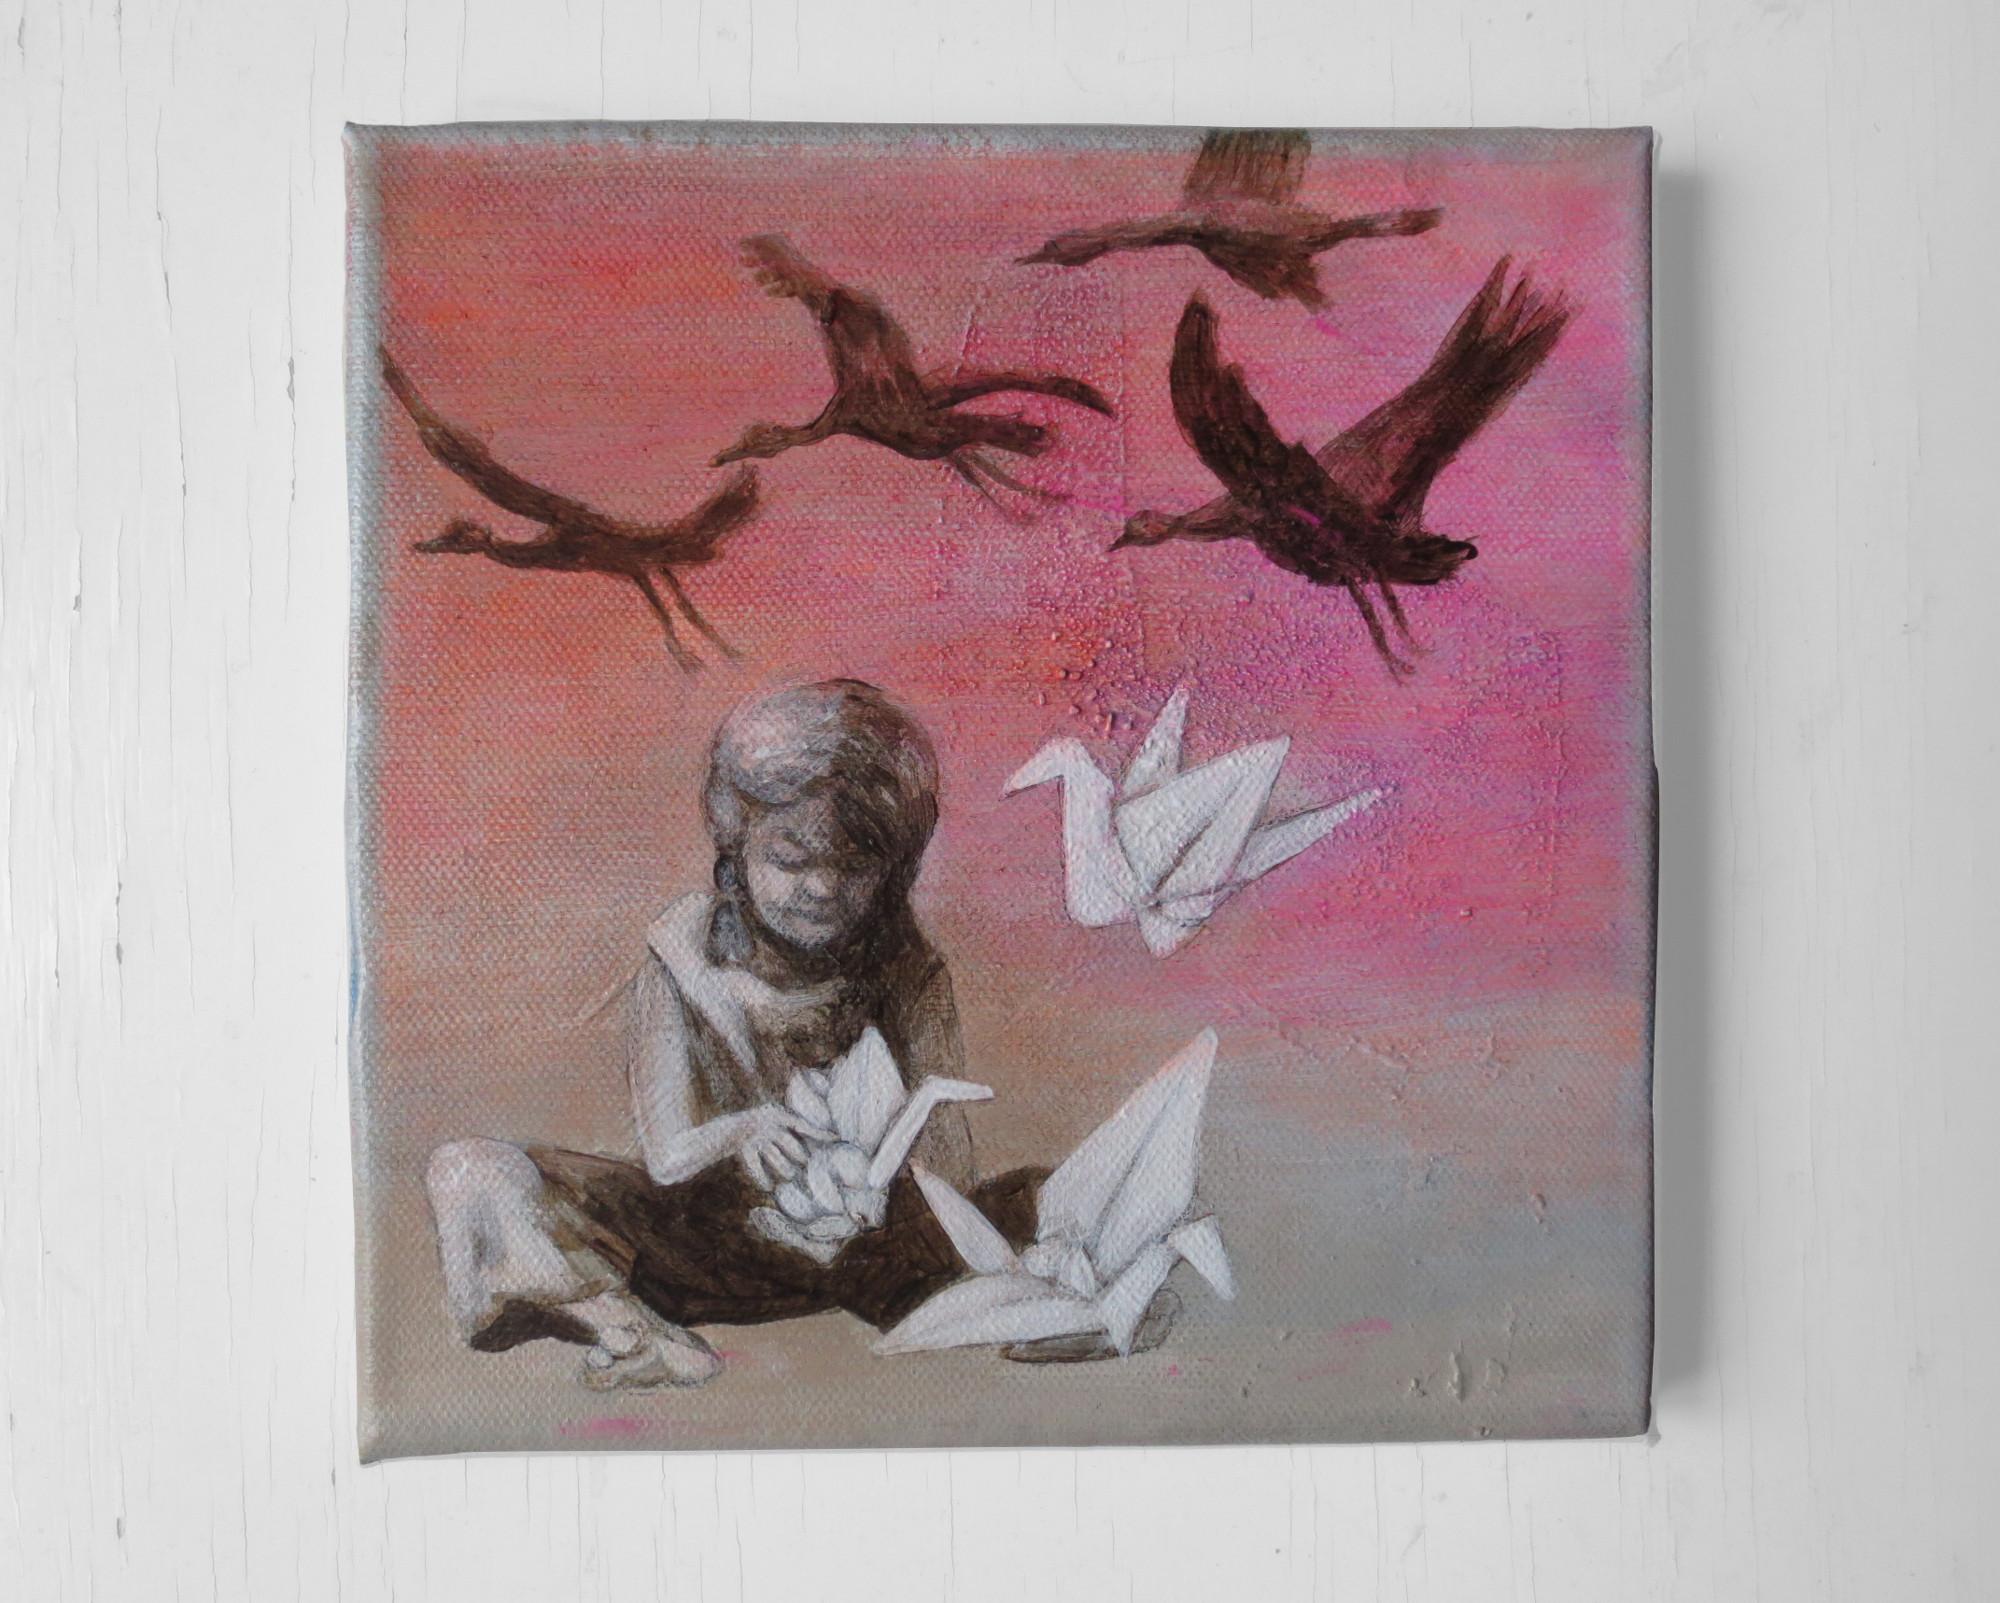 Papier-Kranich-Bild: Ein kleines Mädchen faltet ihre Papierkraniche und lässt sie weit weg fliegen. Die traumhaften Papierflieger verwandeln sich in Vögel und fliegen durch den Himmel. Acrylmalerei auf Leinwand, Kunst von Dorothea Koch.